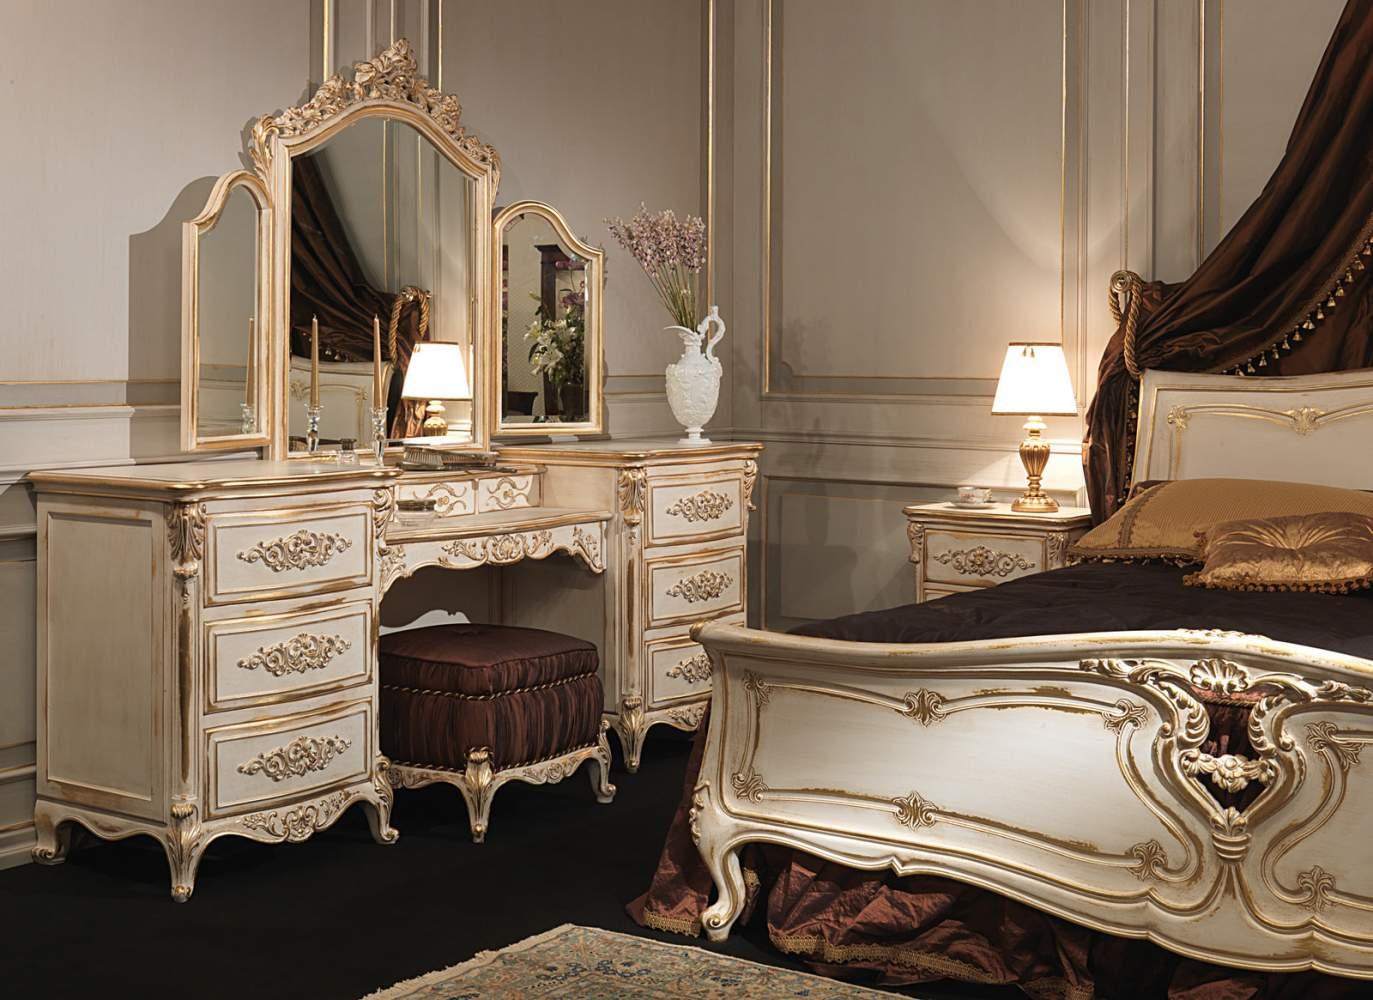 Camera da letto classica in stile Luigi XVI, letto in legno intagliato, toilette con specchiera in legno intagliato, pouf imbottito